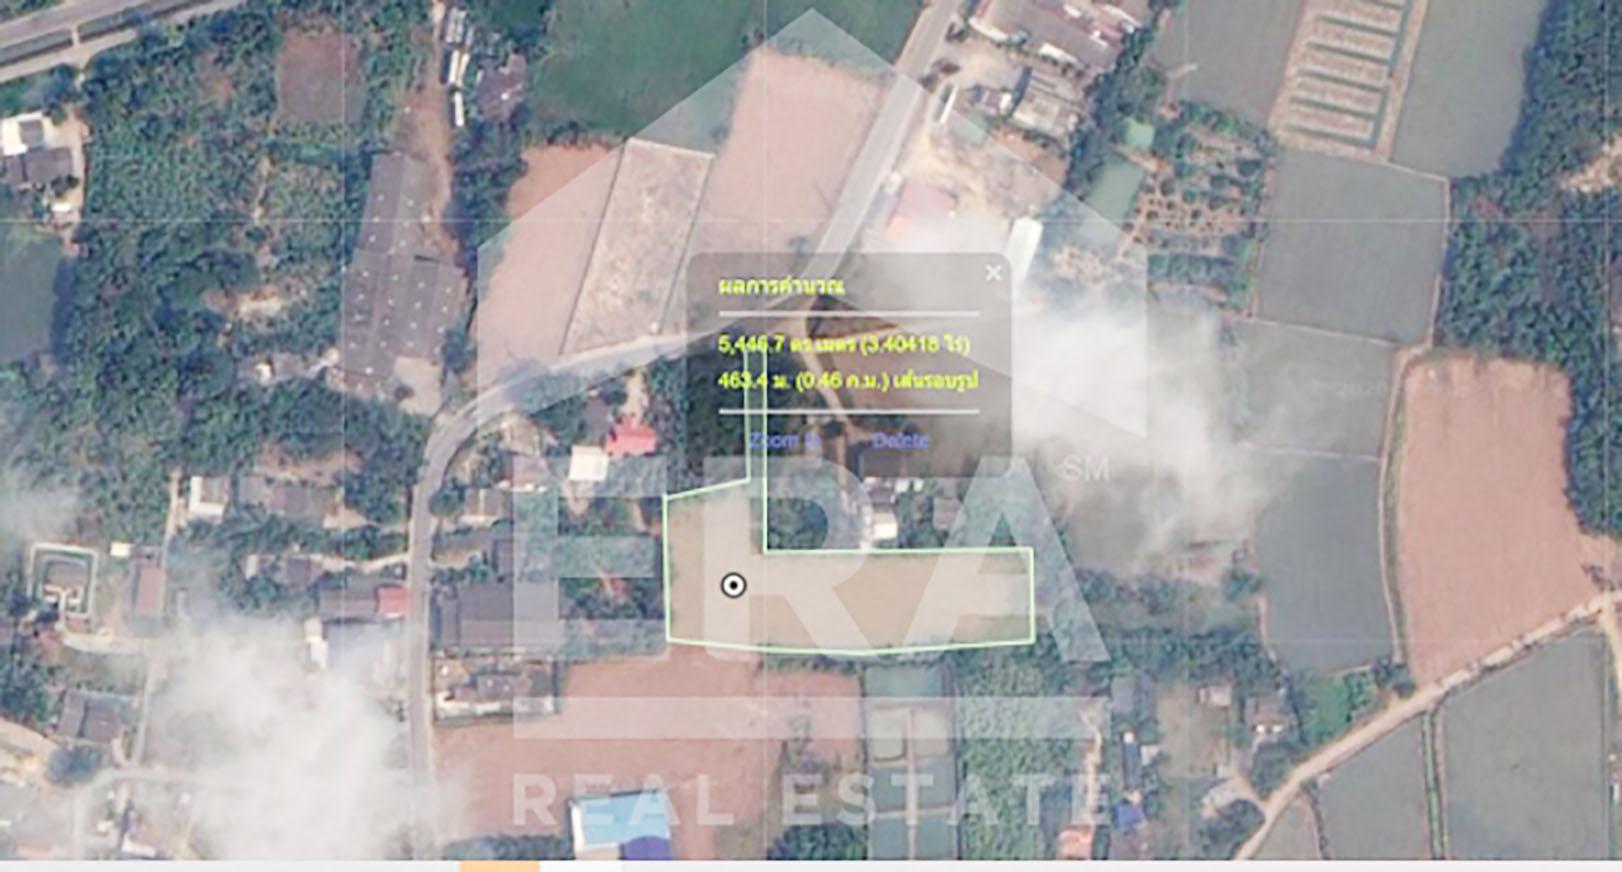 ภาพ84574 ที่ดินเปล่า 4-0-61.8 ไร่ อ.บ้านโป่ง ราชบุรี